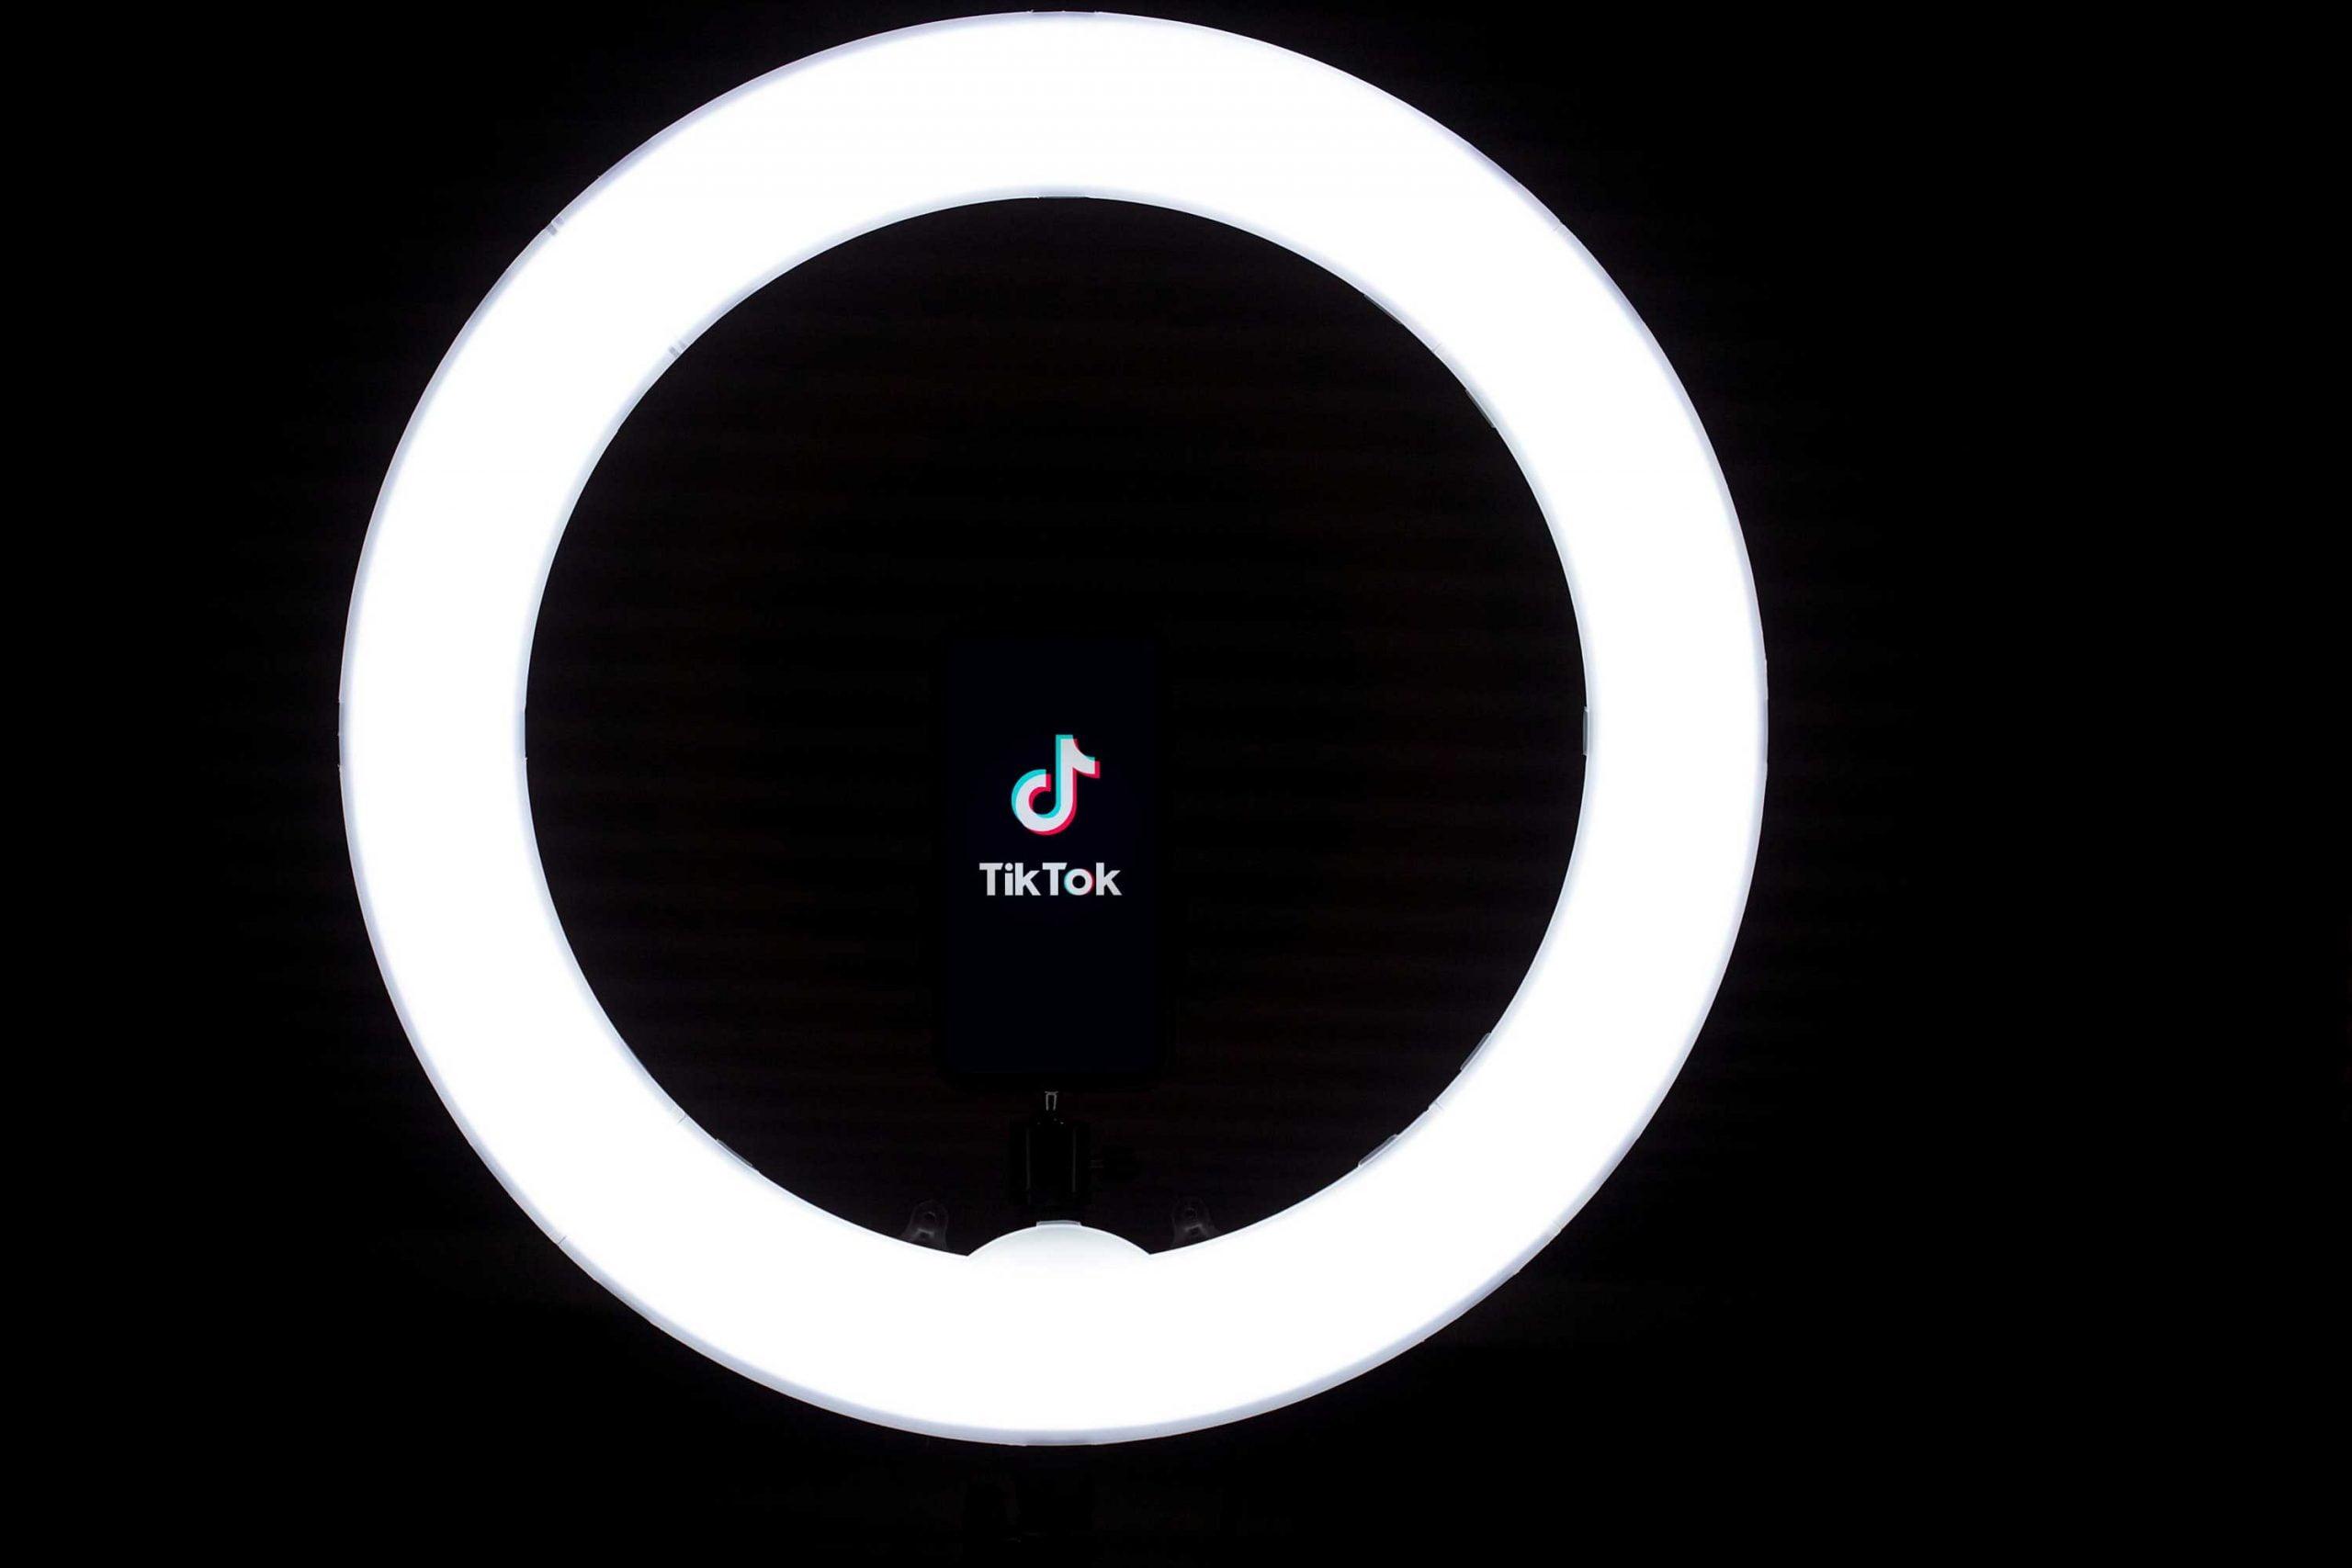 lampada per tiktok